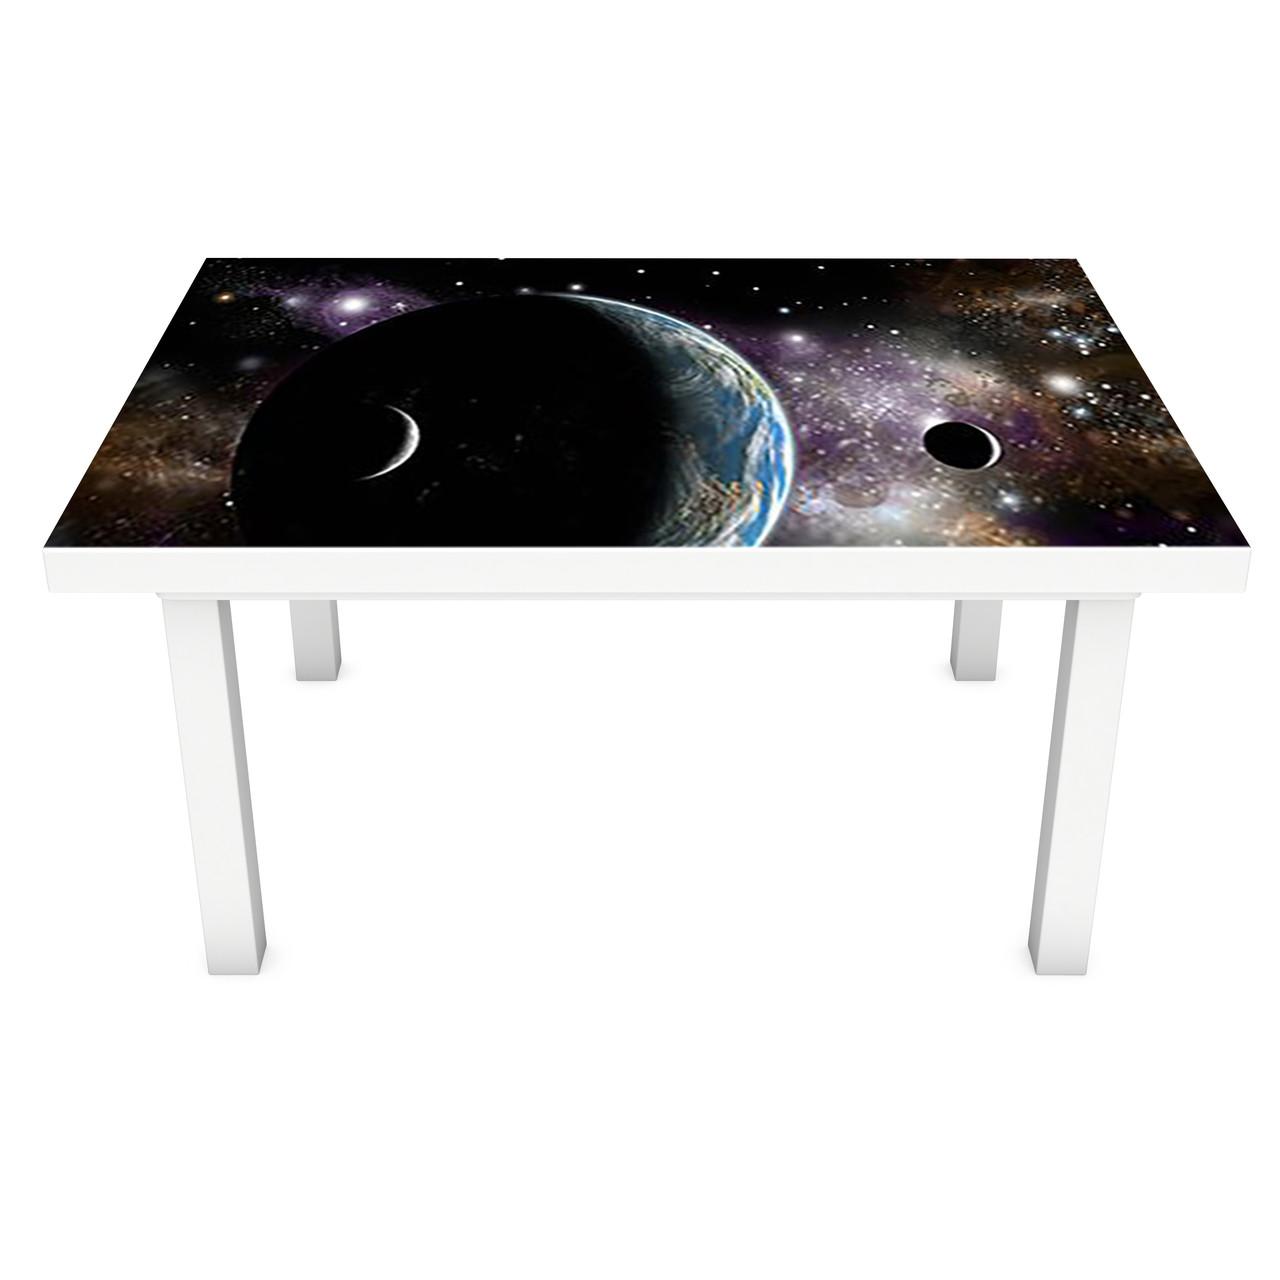 Наклейка на стол Планеты (ПВХ интерьерная пленка для мебели) космос сферы Черный 600*1200 мм